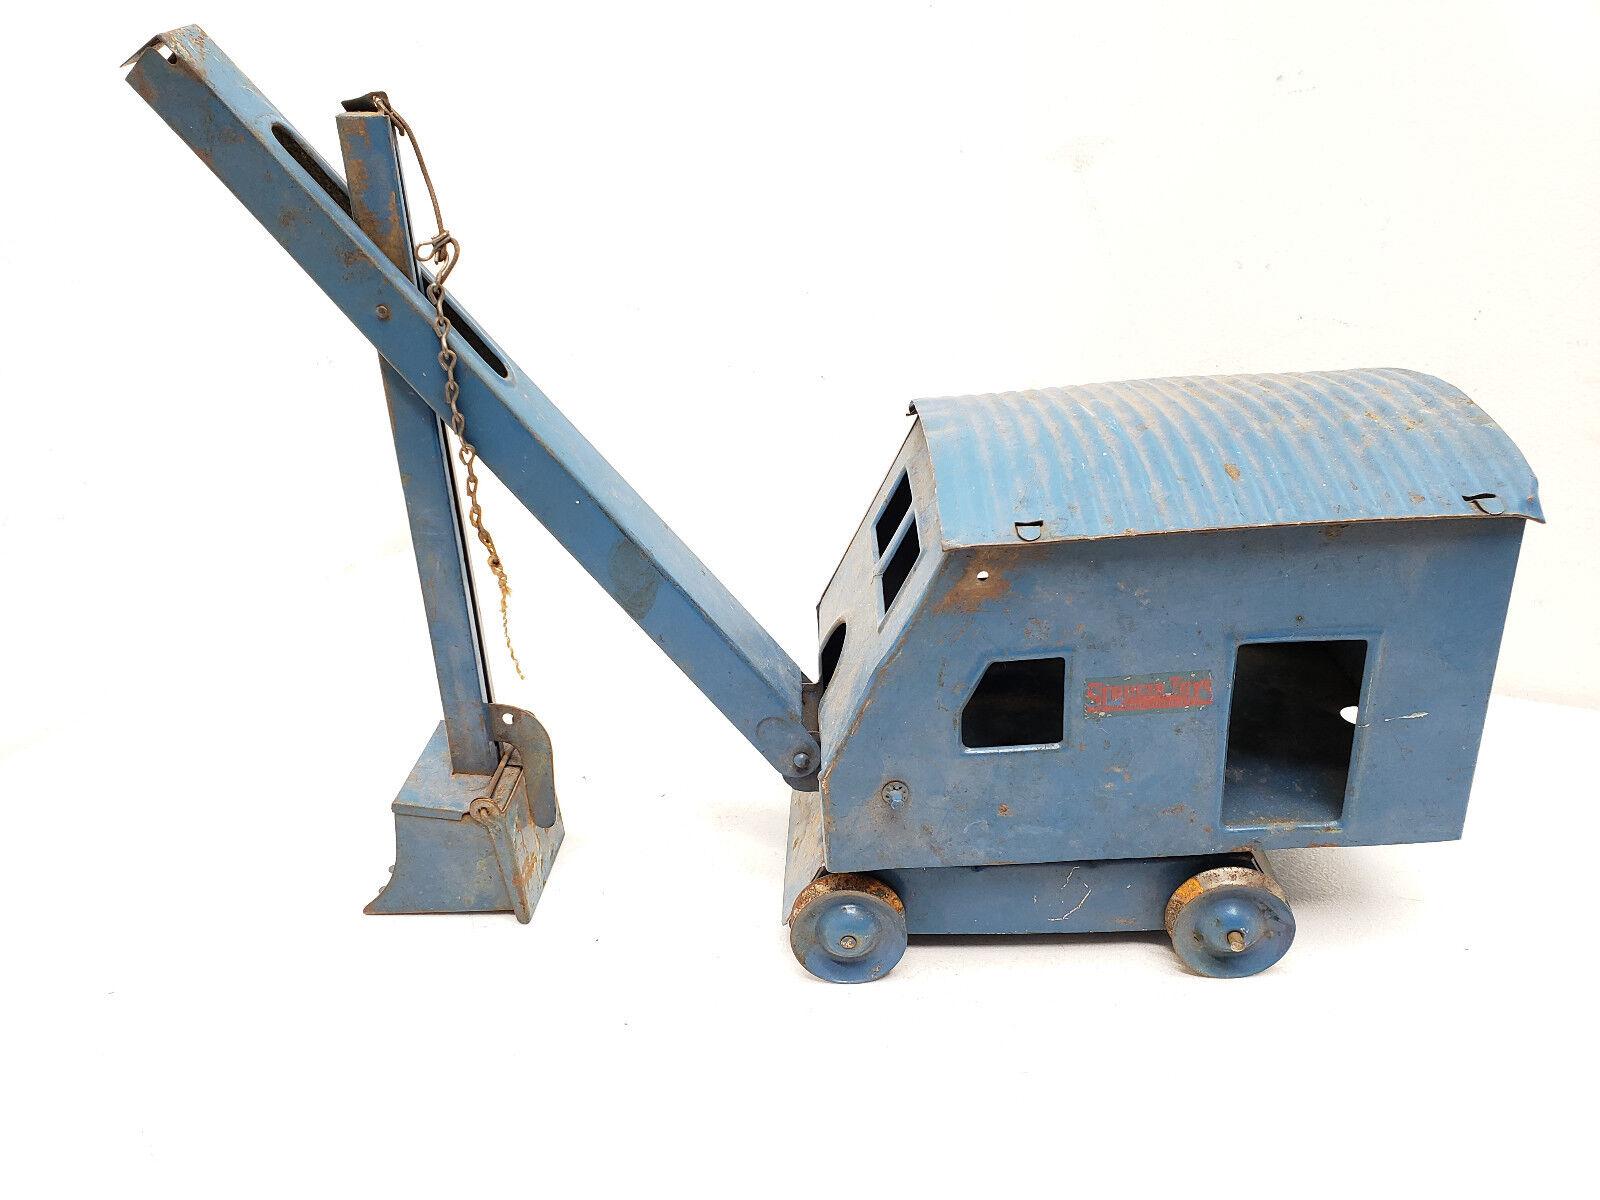 Jahrgang 1940s-50s structo spielzeug dampf schaufel crane innenauskleidungstafein